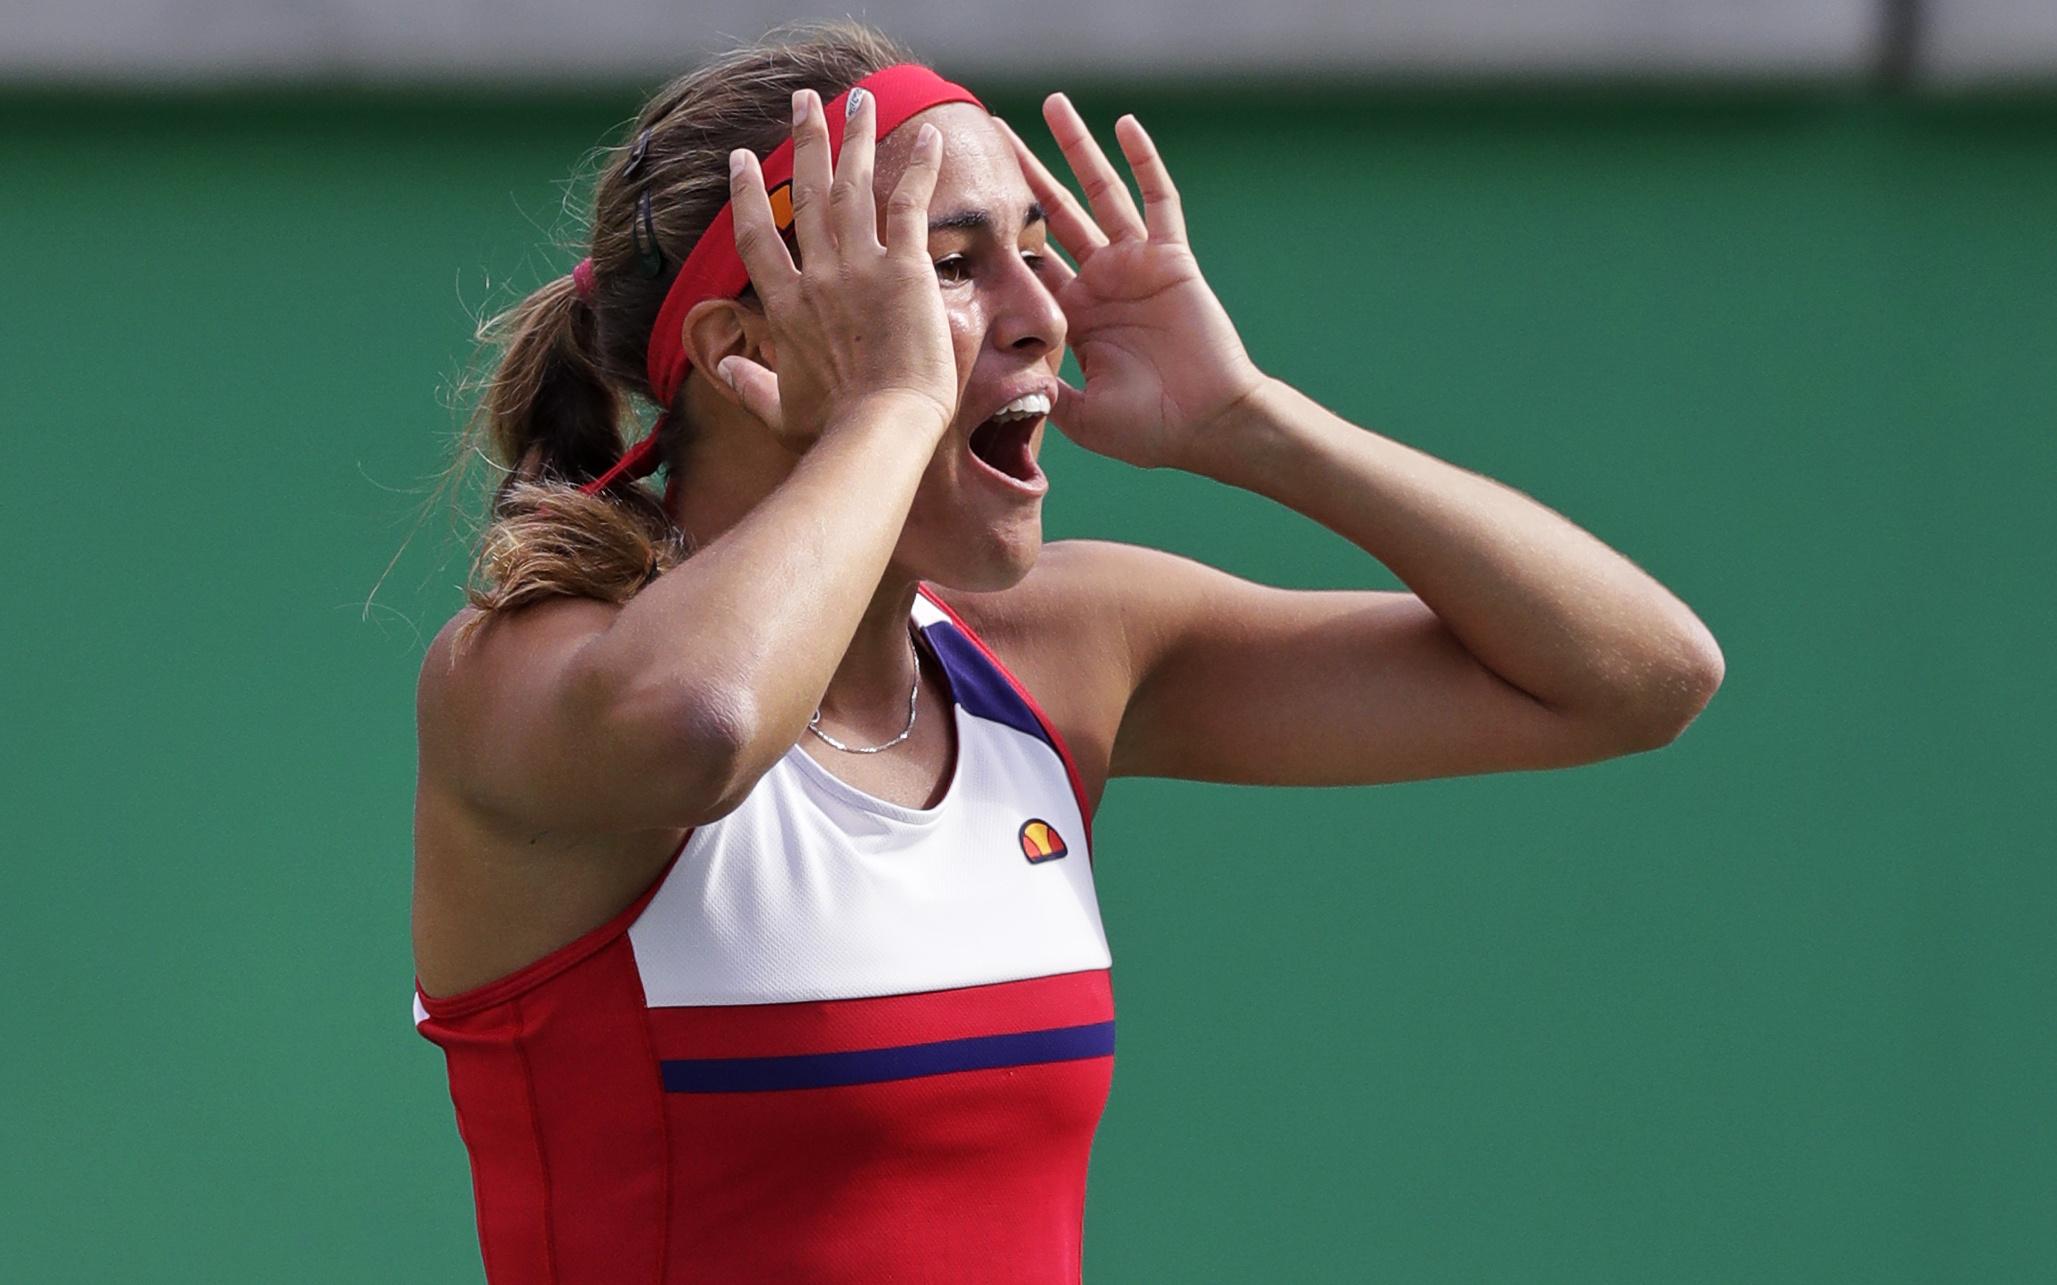 Prekvapujúca víťazka olympijského tenisového turnaja